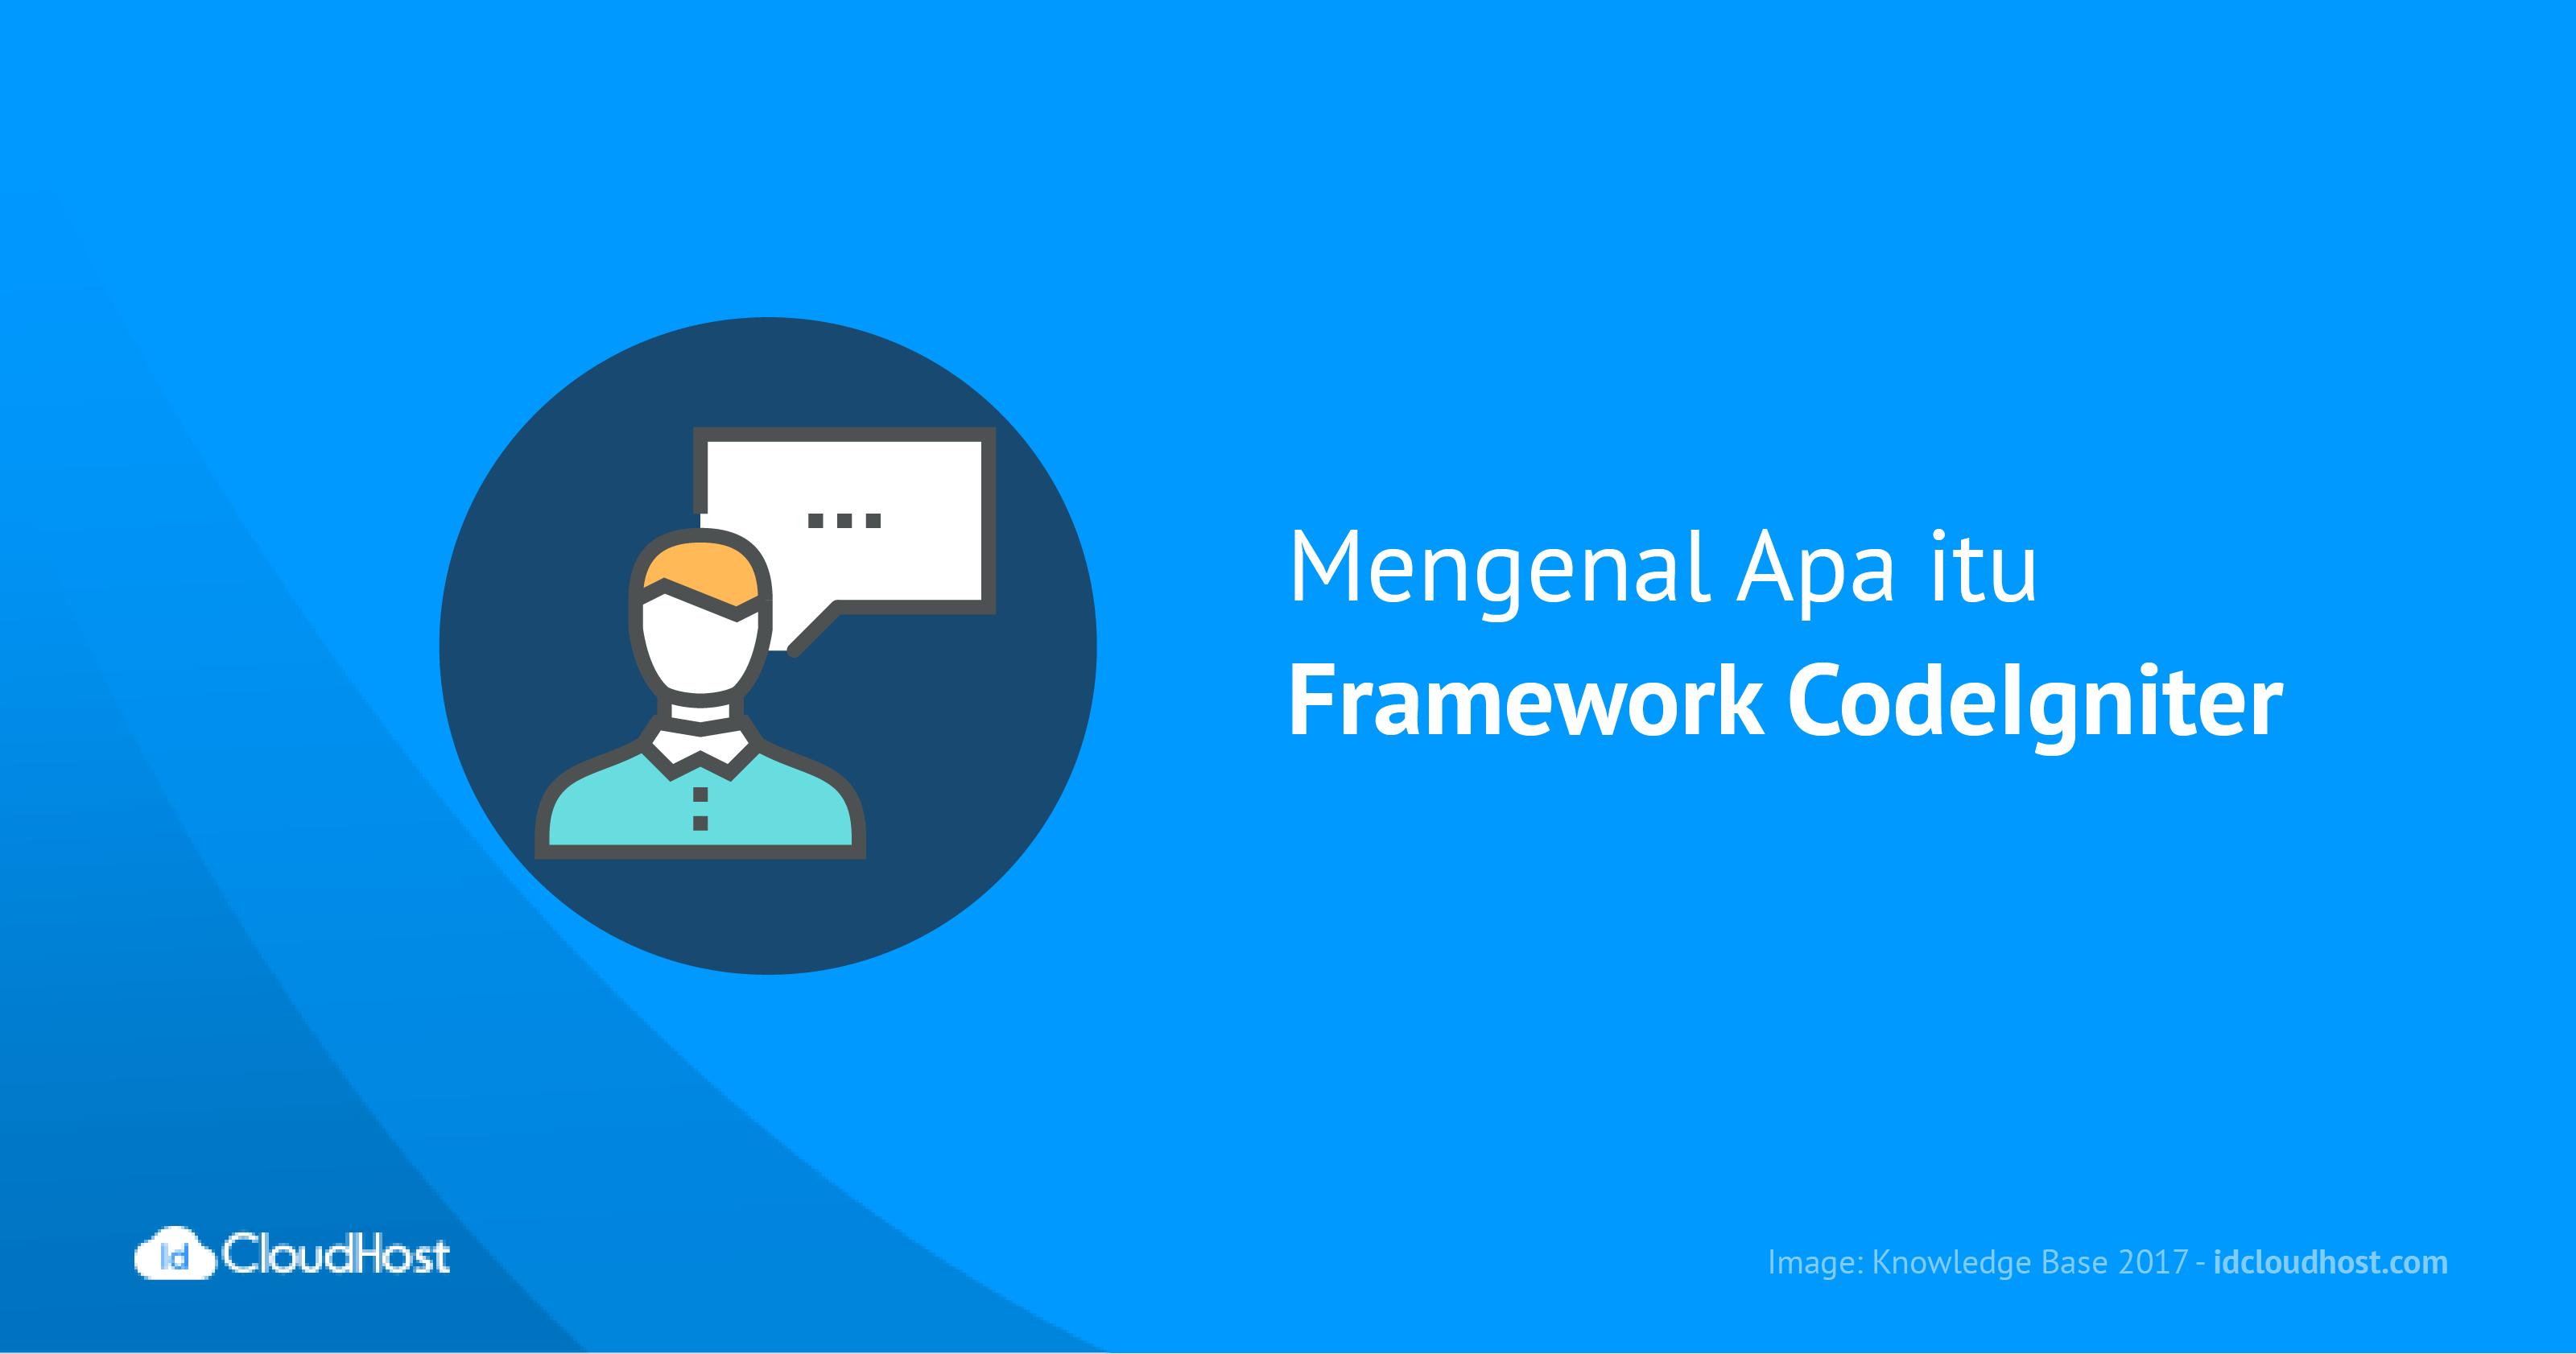 Mengenal Apa itu Framework CodeIgniter